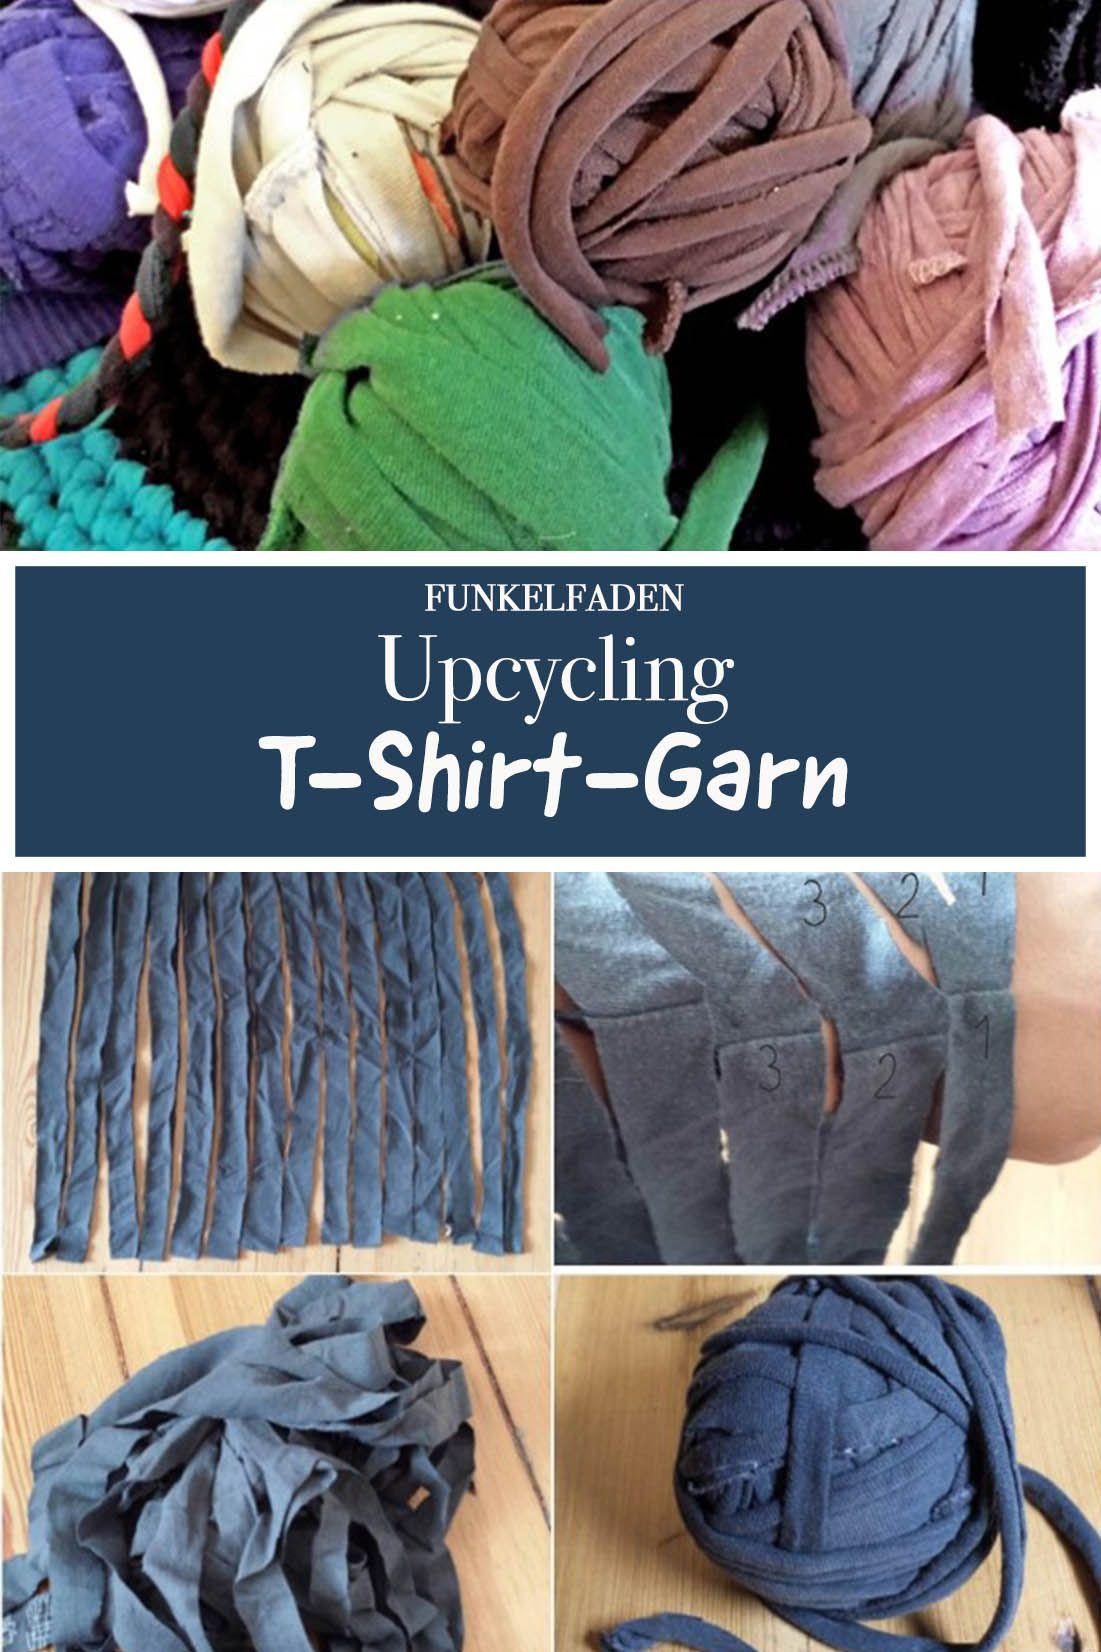 Upcycling Anleitung - T-Shirt-Garn selber machen #haken